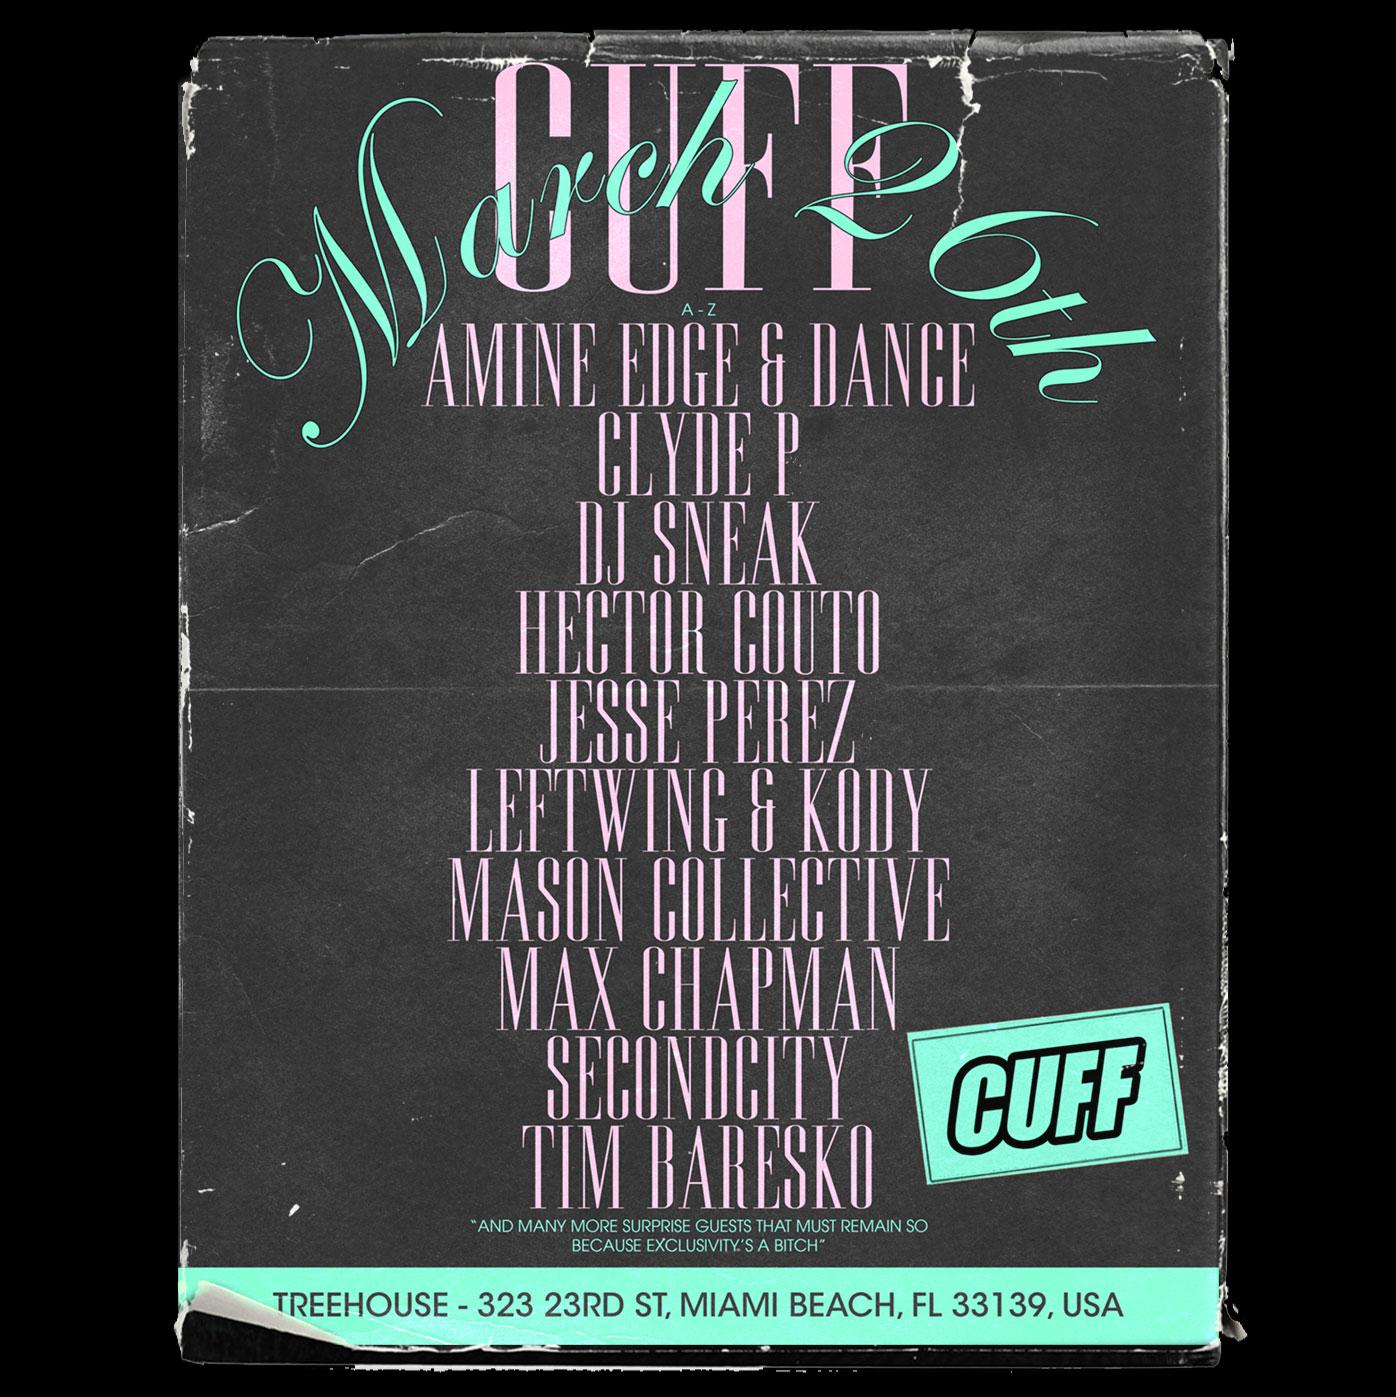 Amine Edge & Dance Presents CUFF  Image